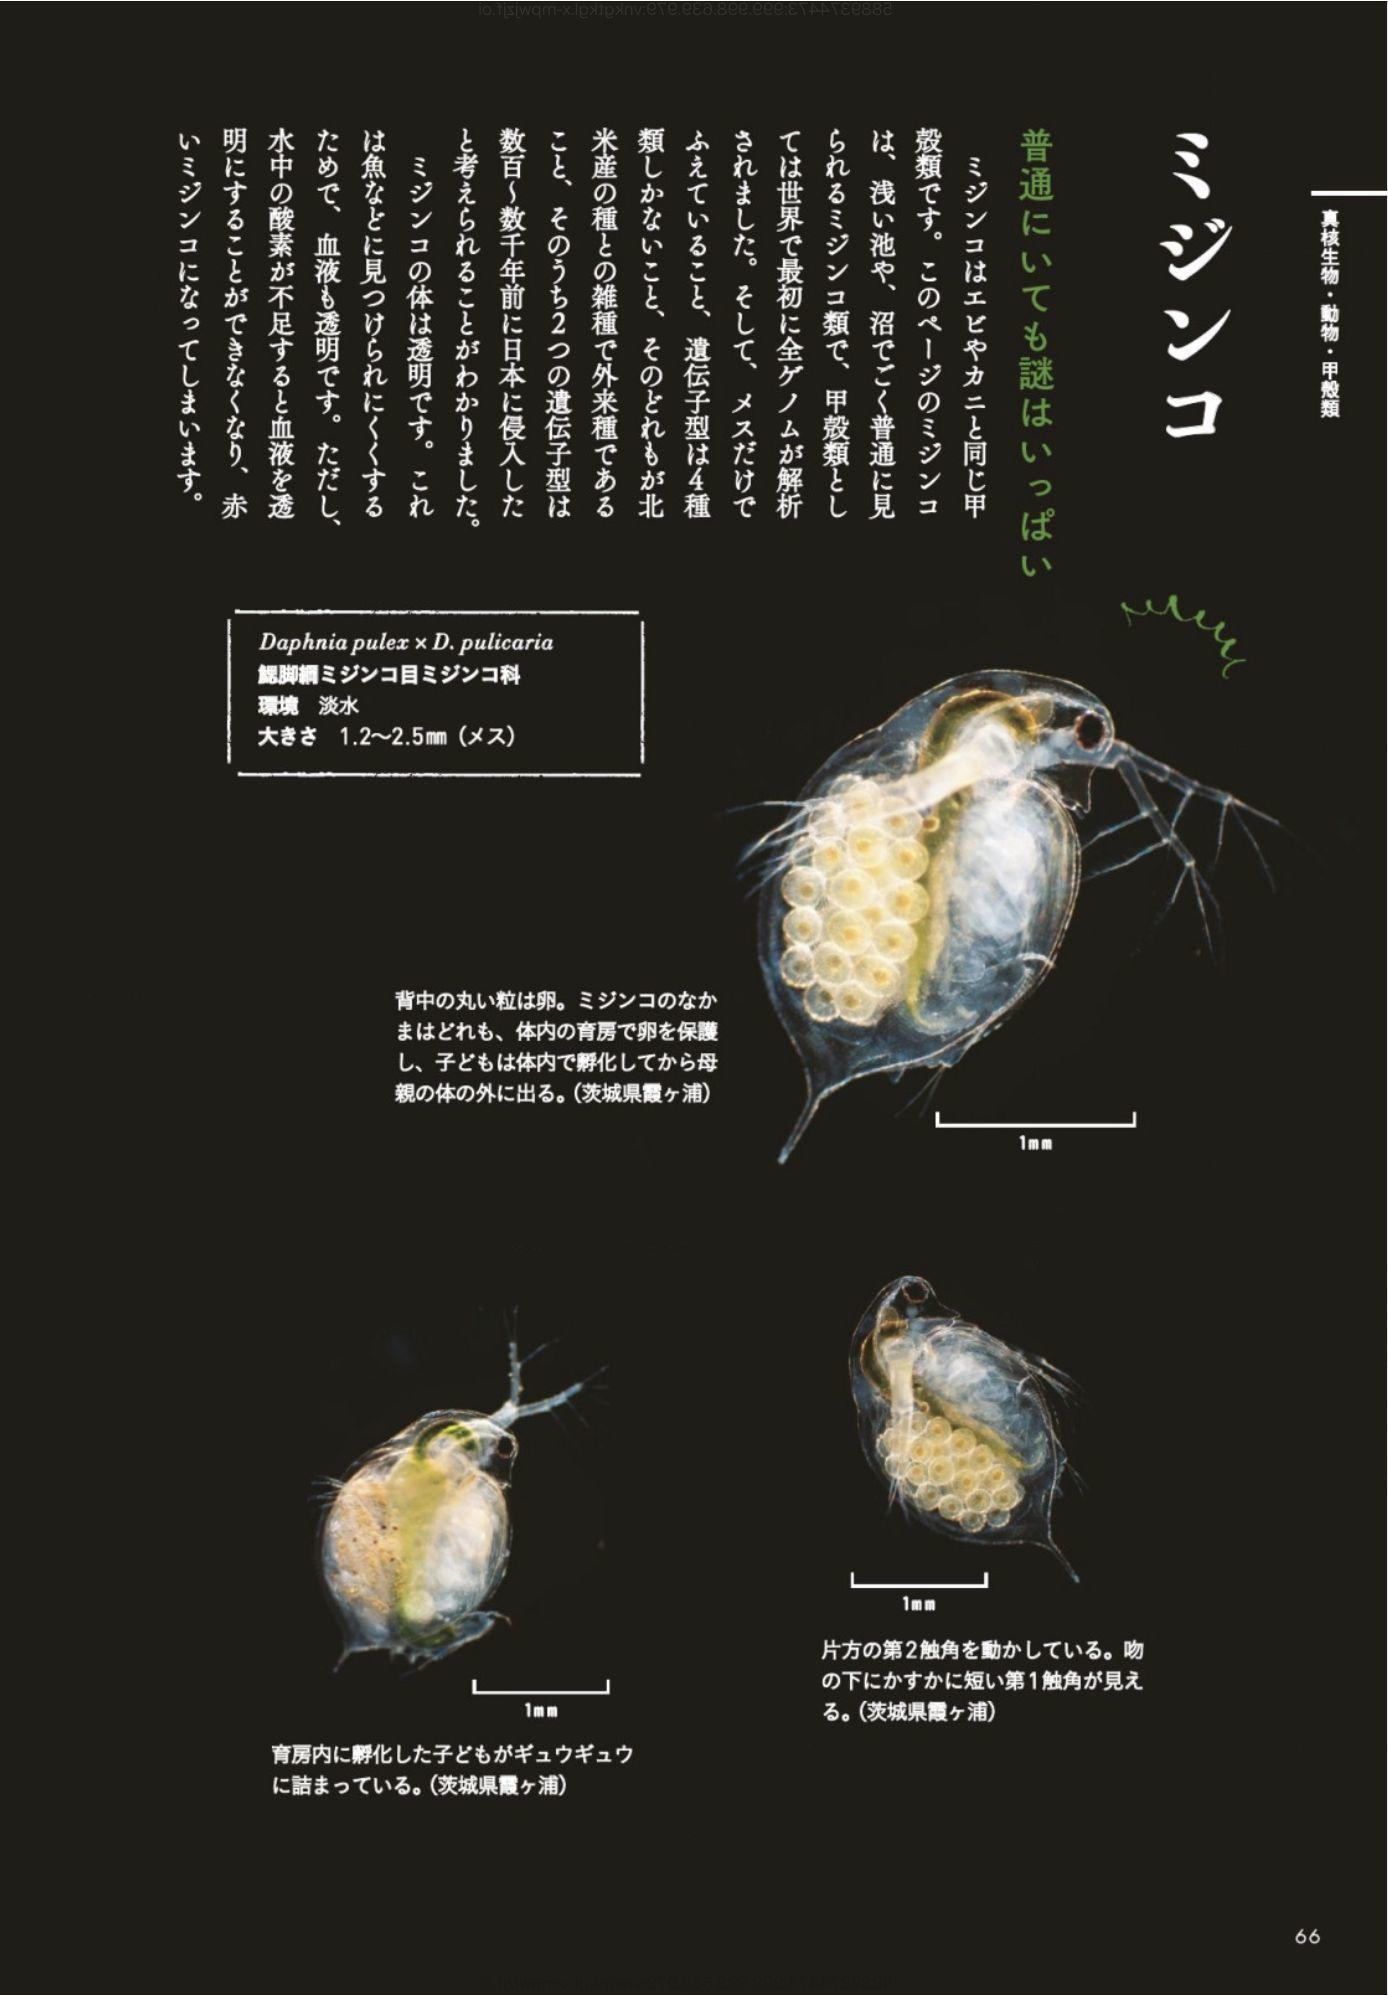 新規感染者数記録更新と「ときめく微生物図鑑」_c0025115_22035838.jpg